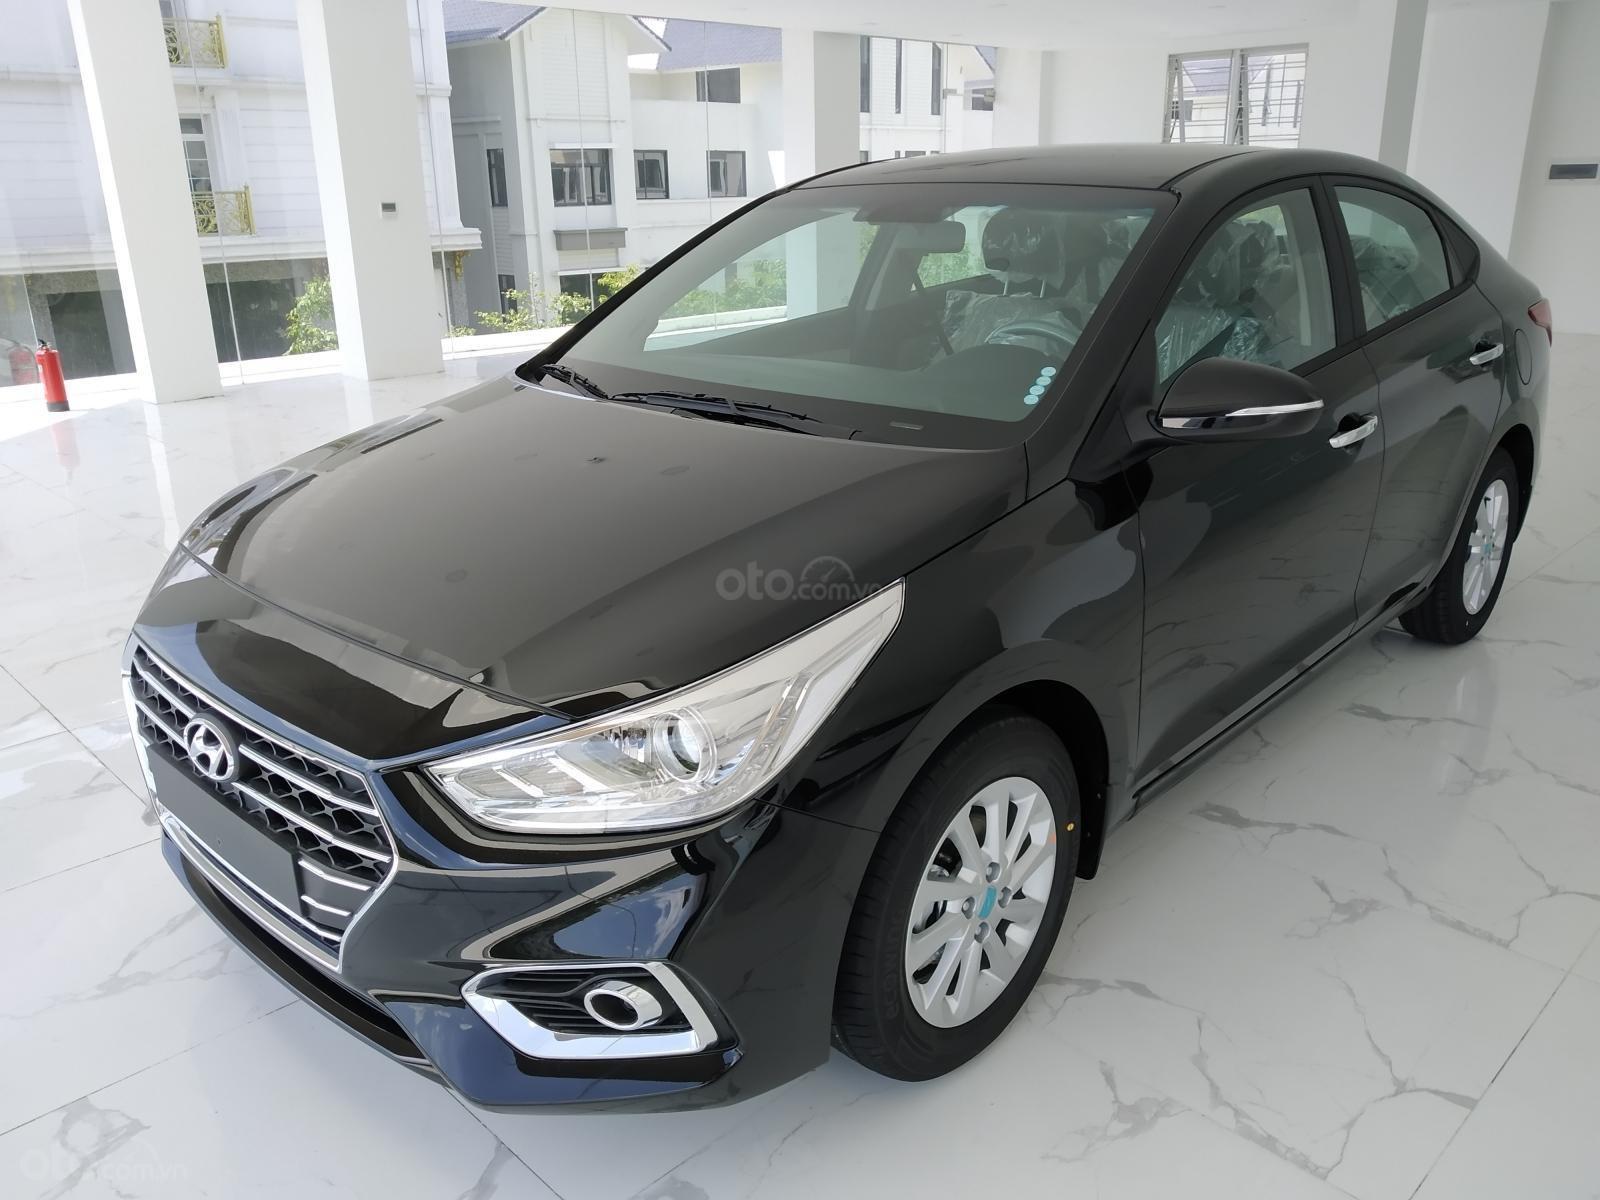 Hyundai Accent AT đầy đủ màu sắc giao ngay. Gía ưu đãi cực thấp T9 kèm theo nhiều ưu đãi và phụ kiện hấp dẫn (2)